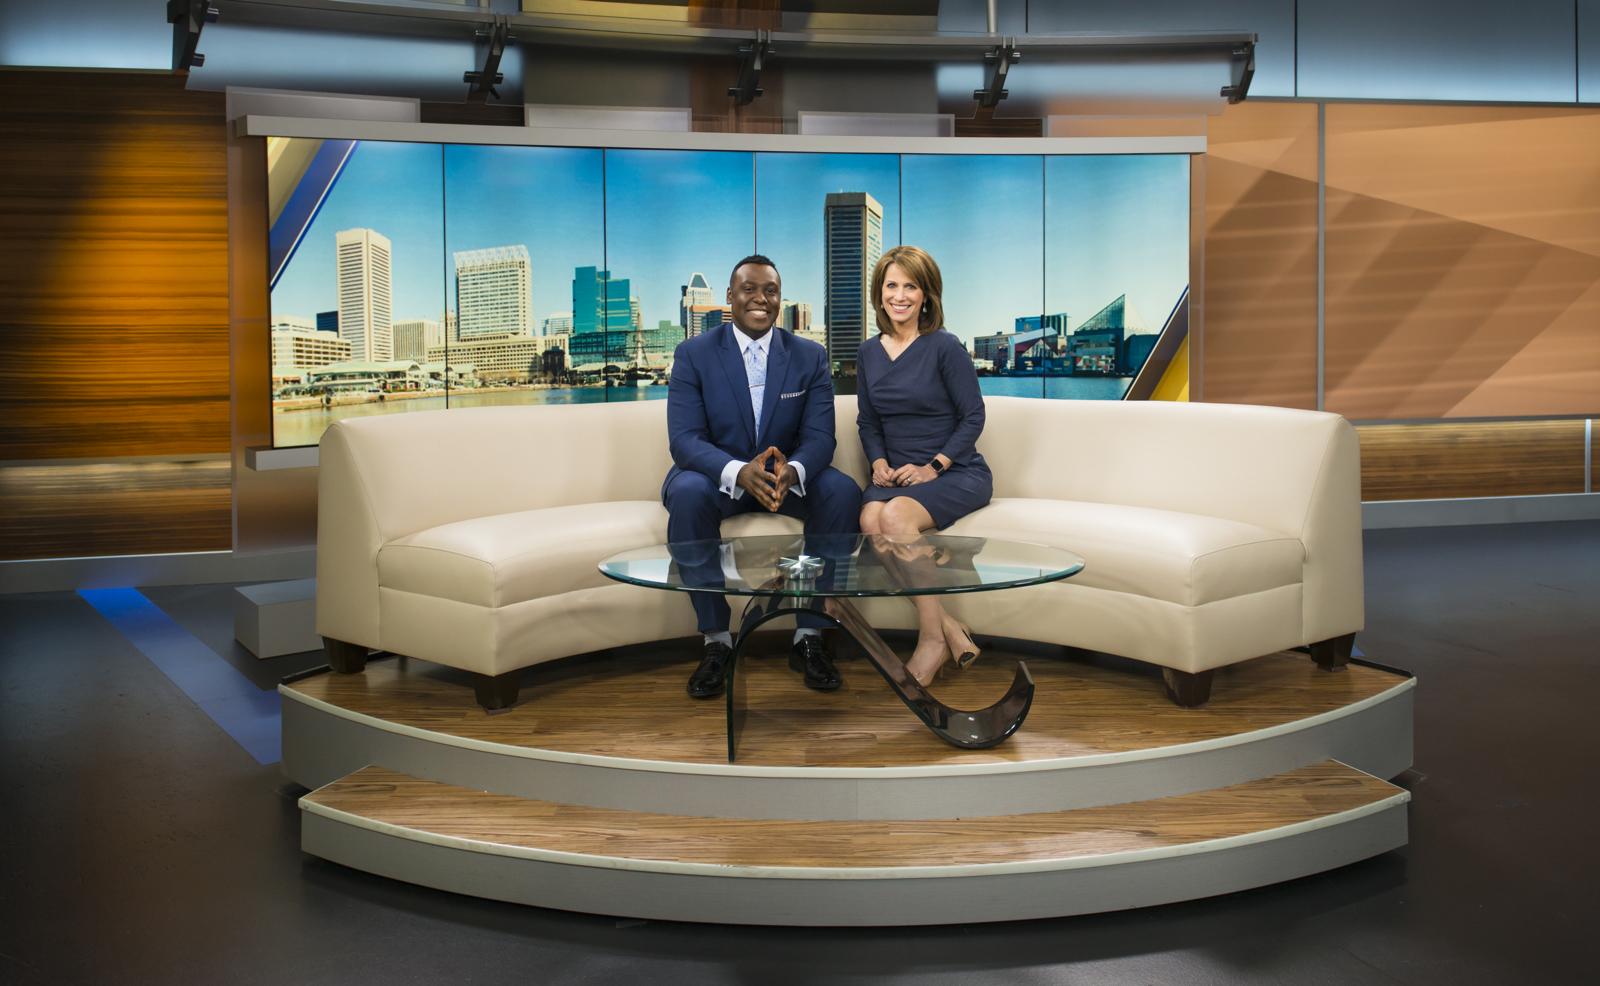 ncs_wbal-news-11-tv-studio_0005